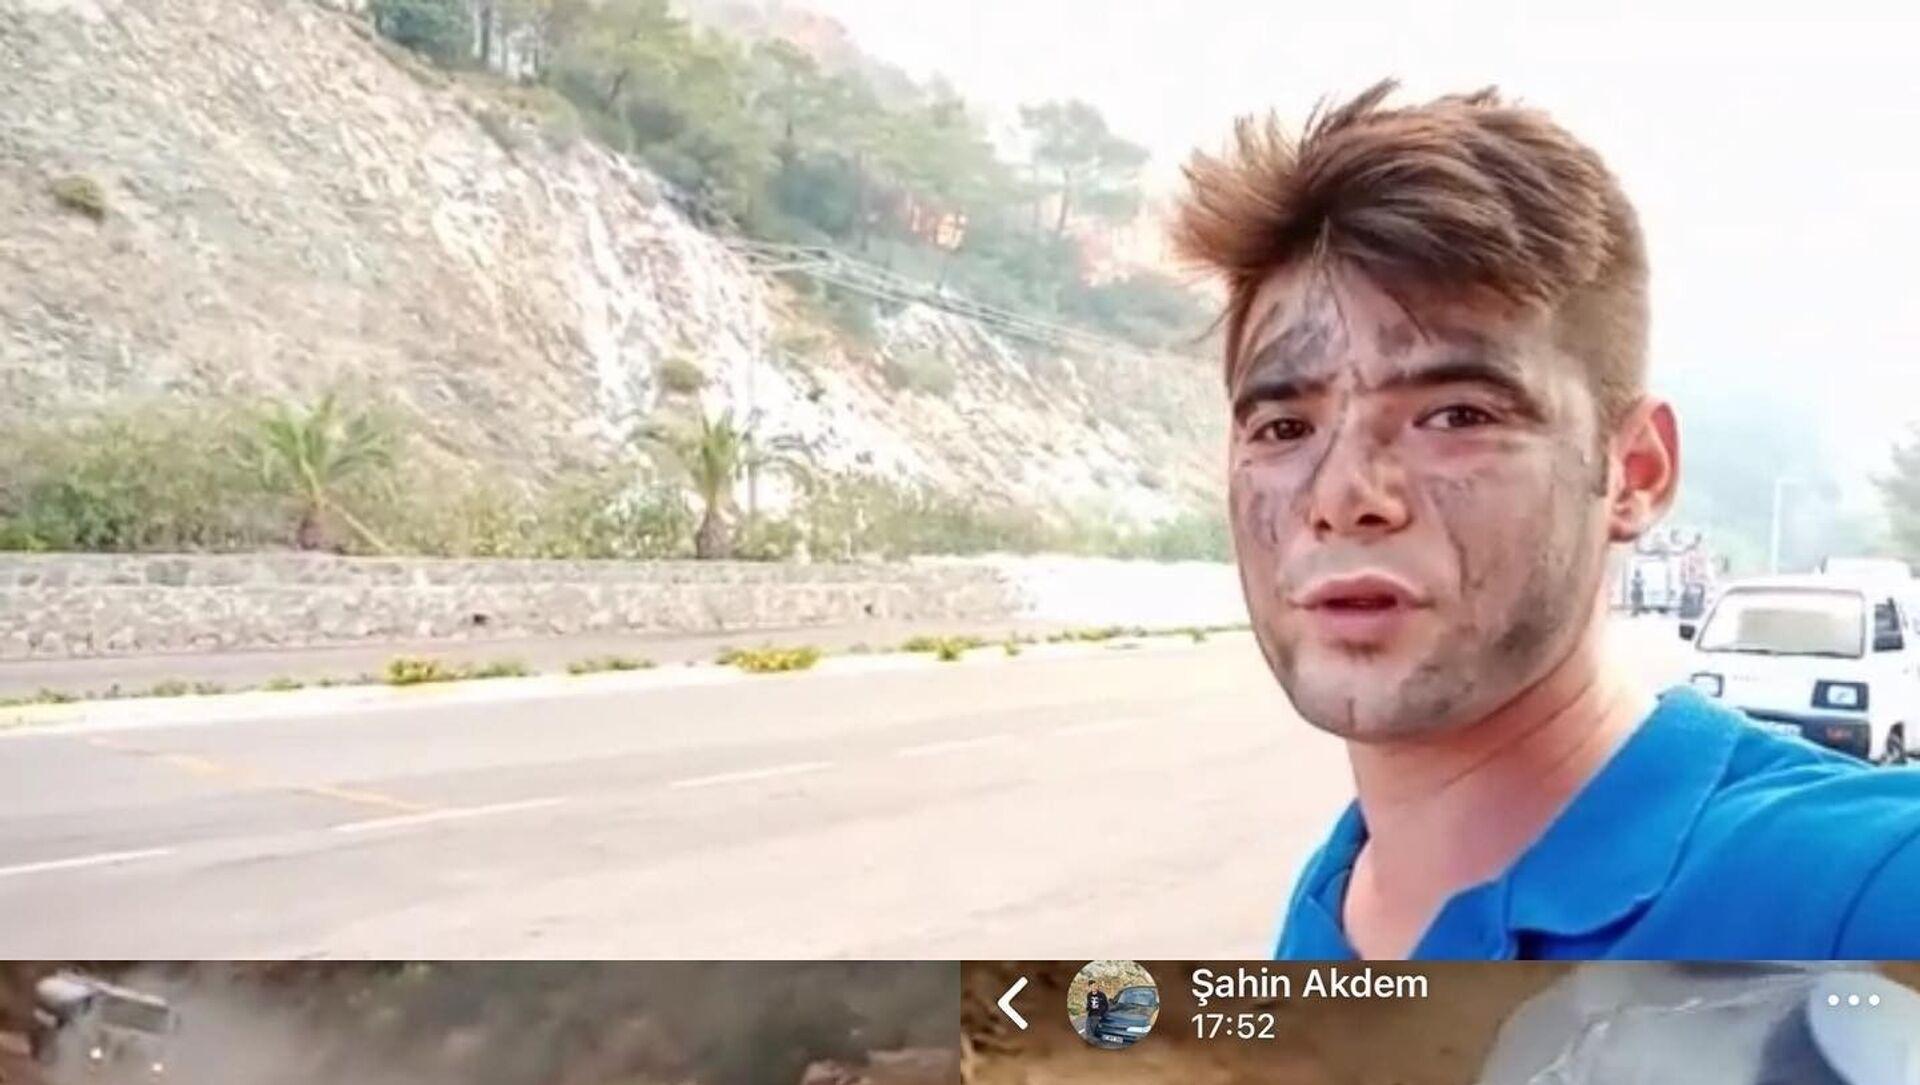 Marmaris ilçesinde çıkan orman yangınını söndürme çalışmalarına katılan Şahin Akdemir'in bugün hayatını kaybetmeden önce yangında çektiği son görüntüler ortaya çıktı - Sputnik Türkiye, 1920, 01.08.2021